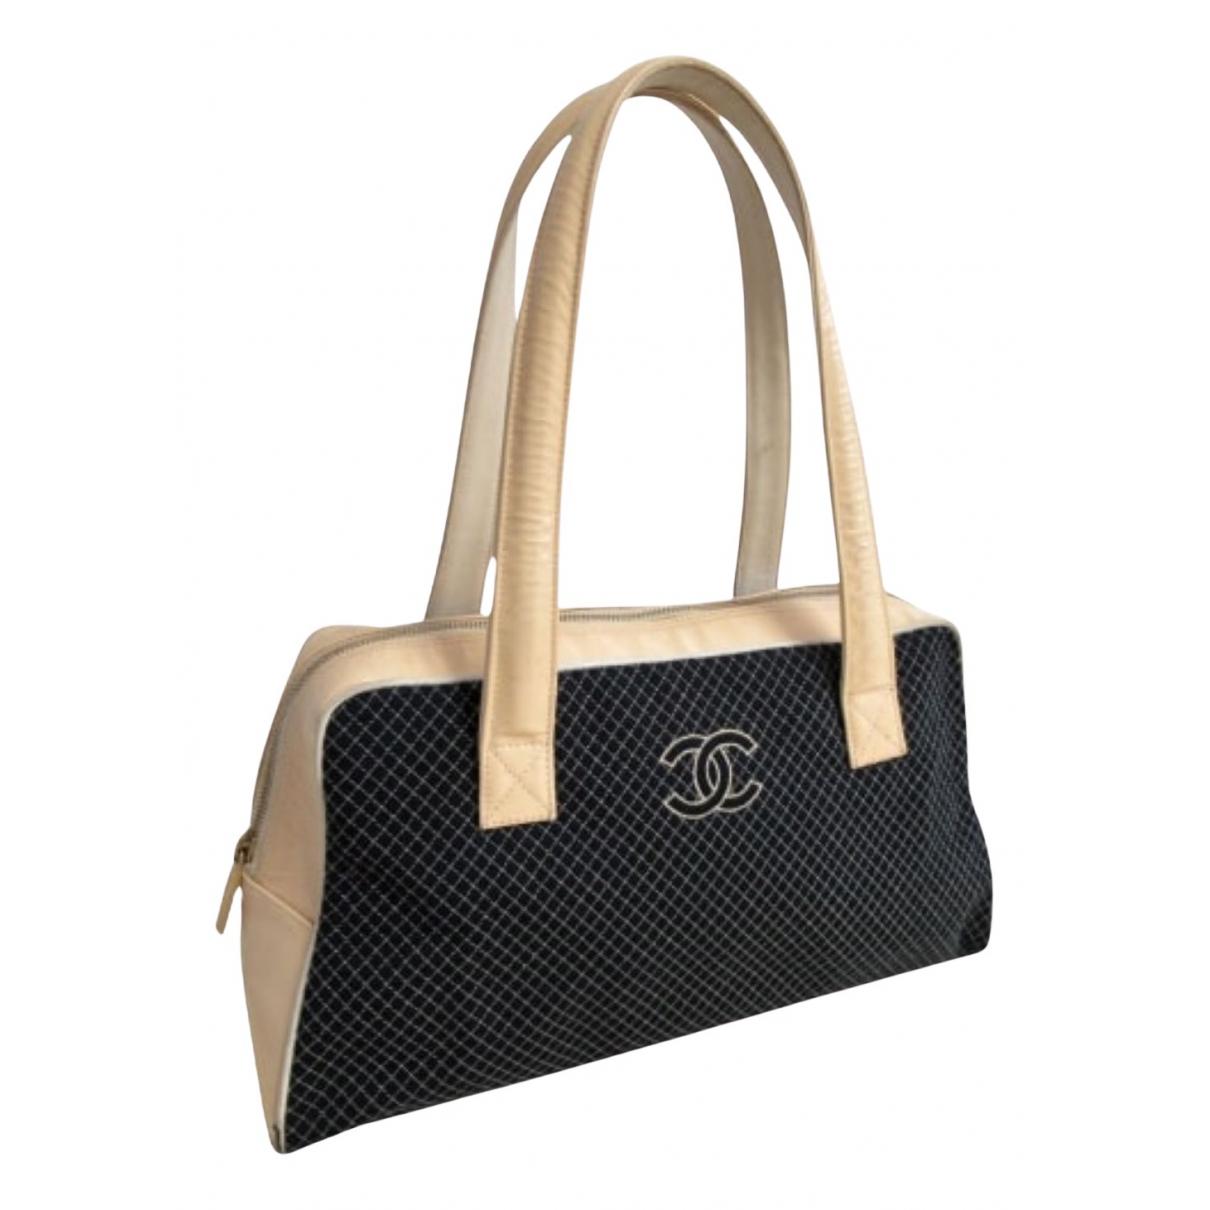 Chanel N Blue Cloth handbag for Women N